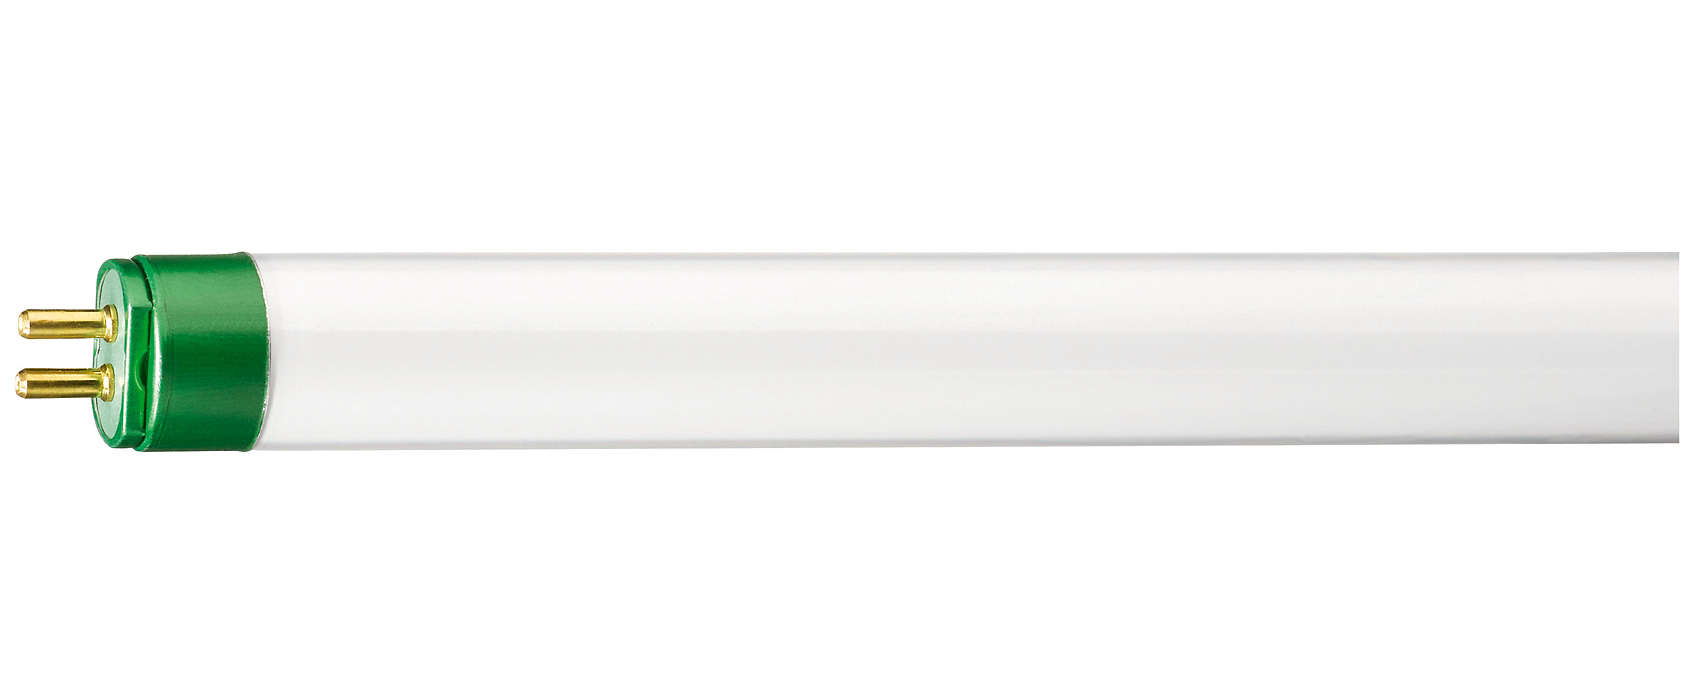 Najbardziej energooszczędne świetlówki na świecie